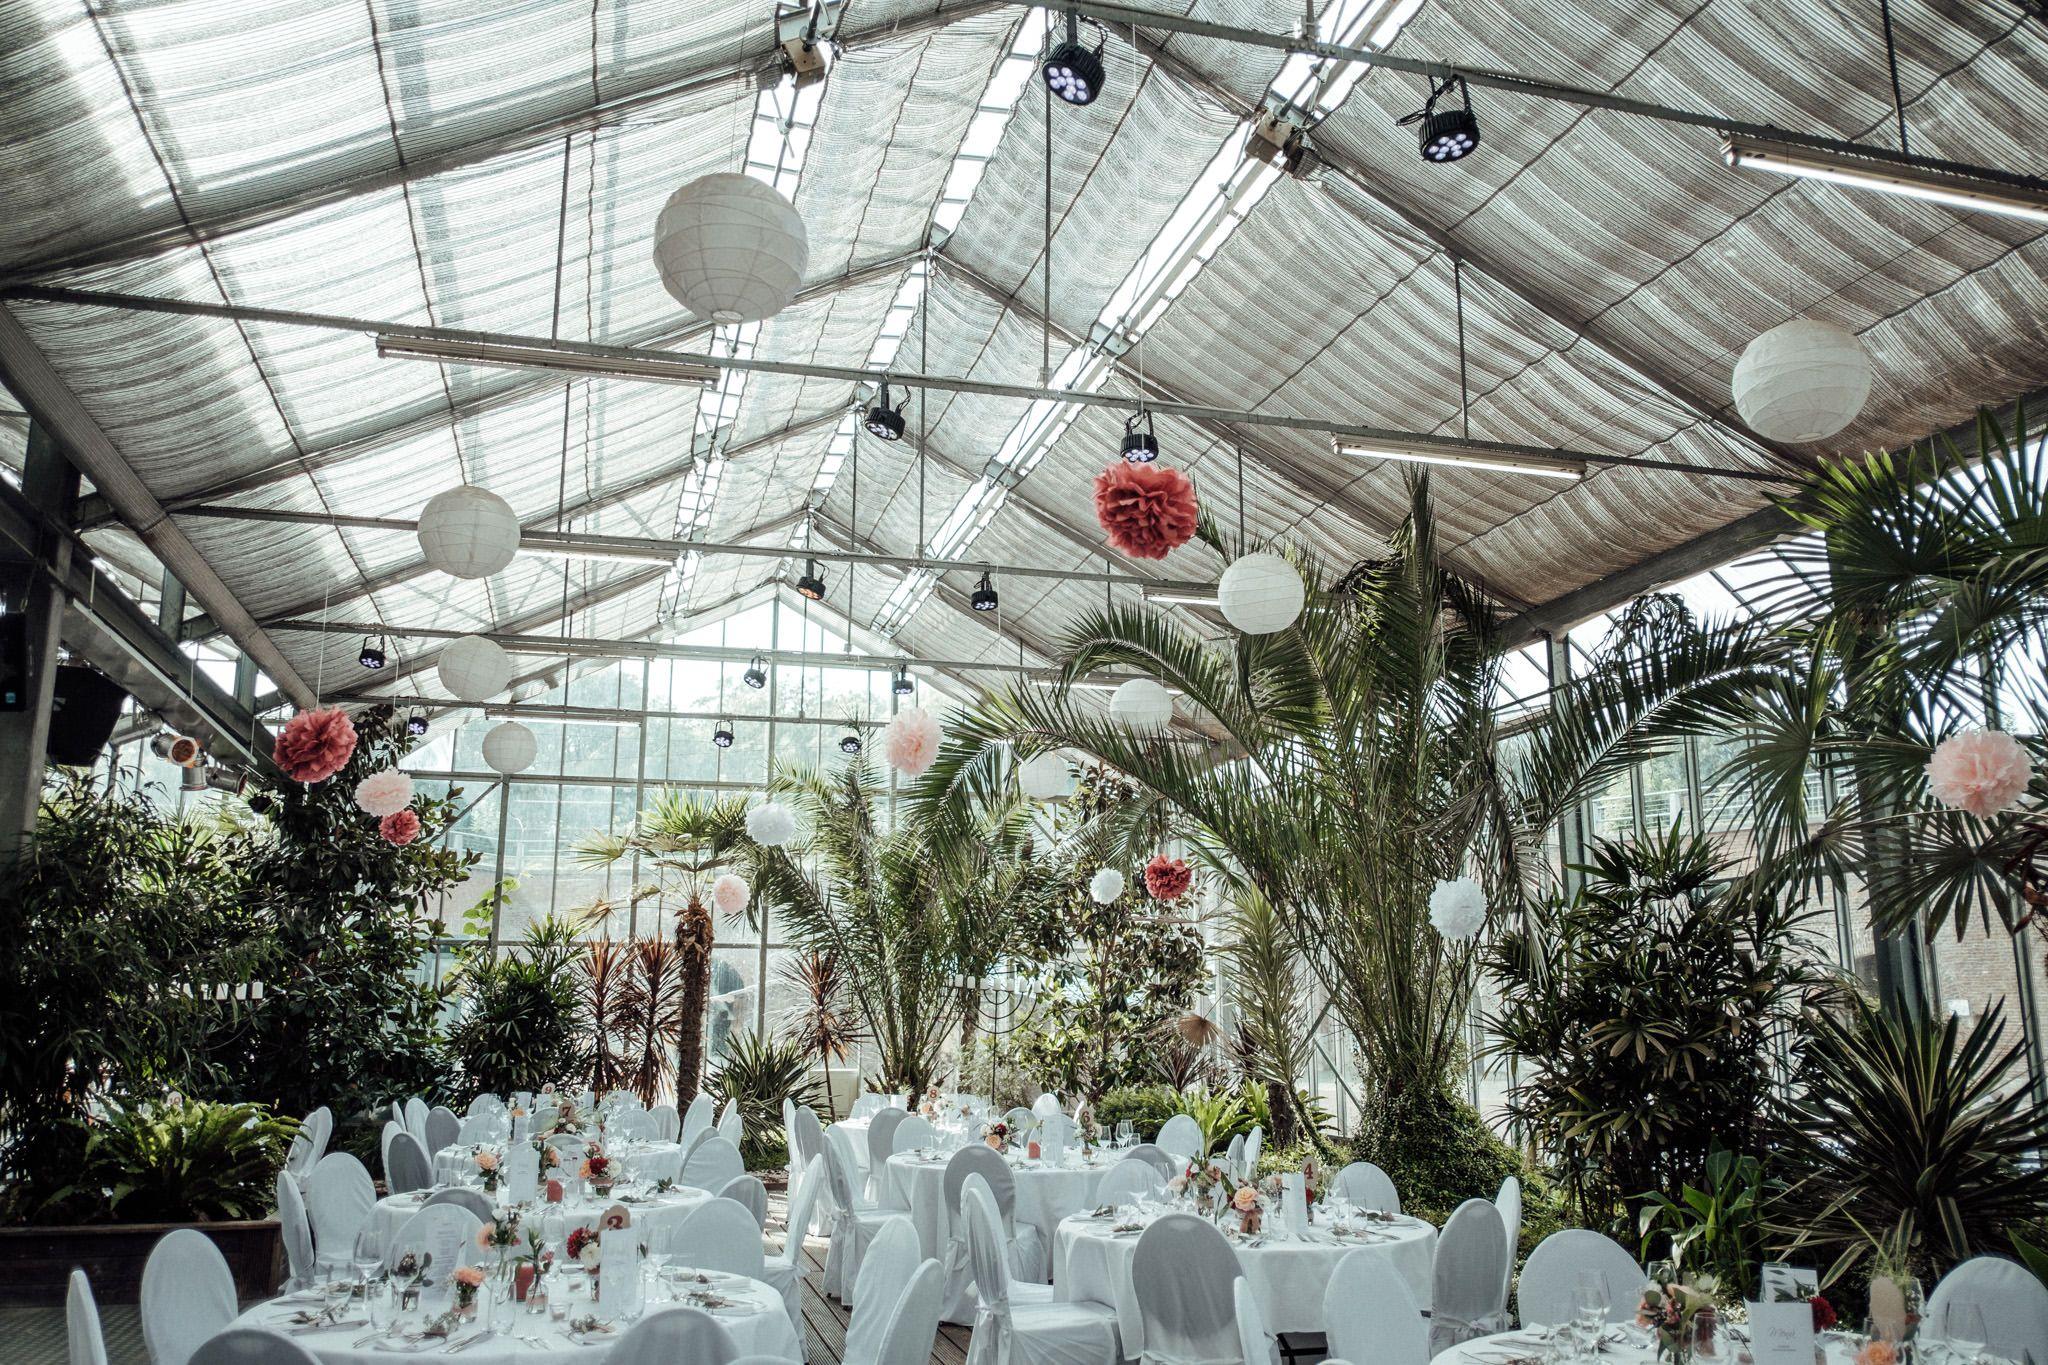 Hochzeitslocation Nrw Home Facebook